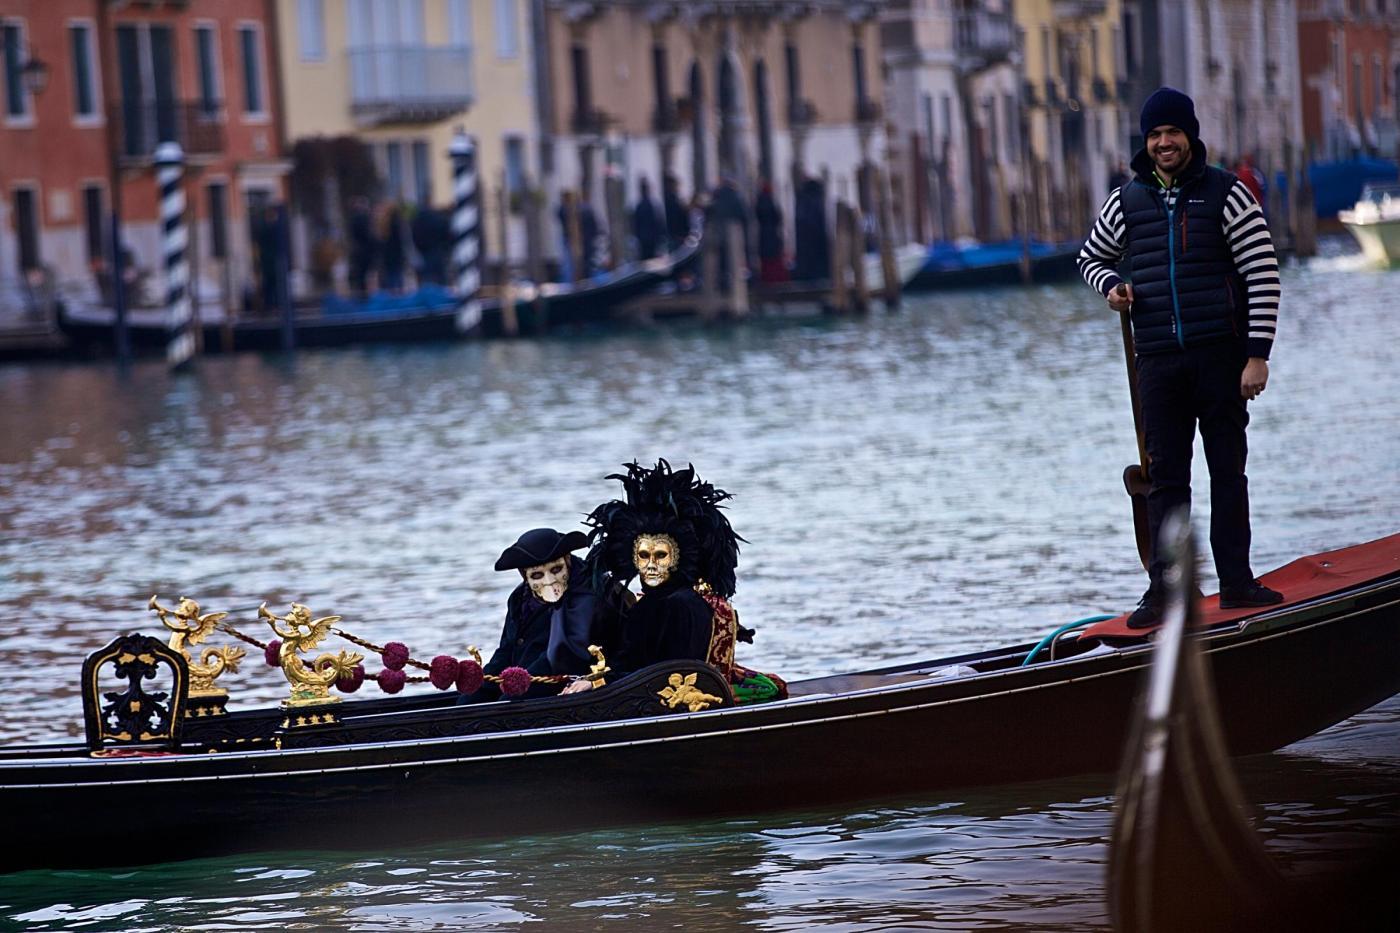 Bando agenti di polizia locale Venezia: il sindaco Brugnaro cerca 100 vigili (senza pancia)